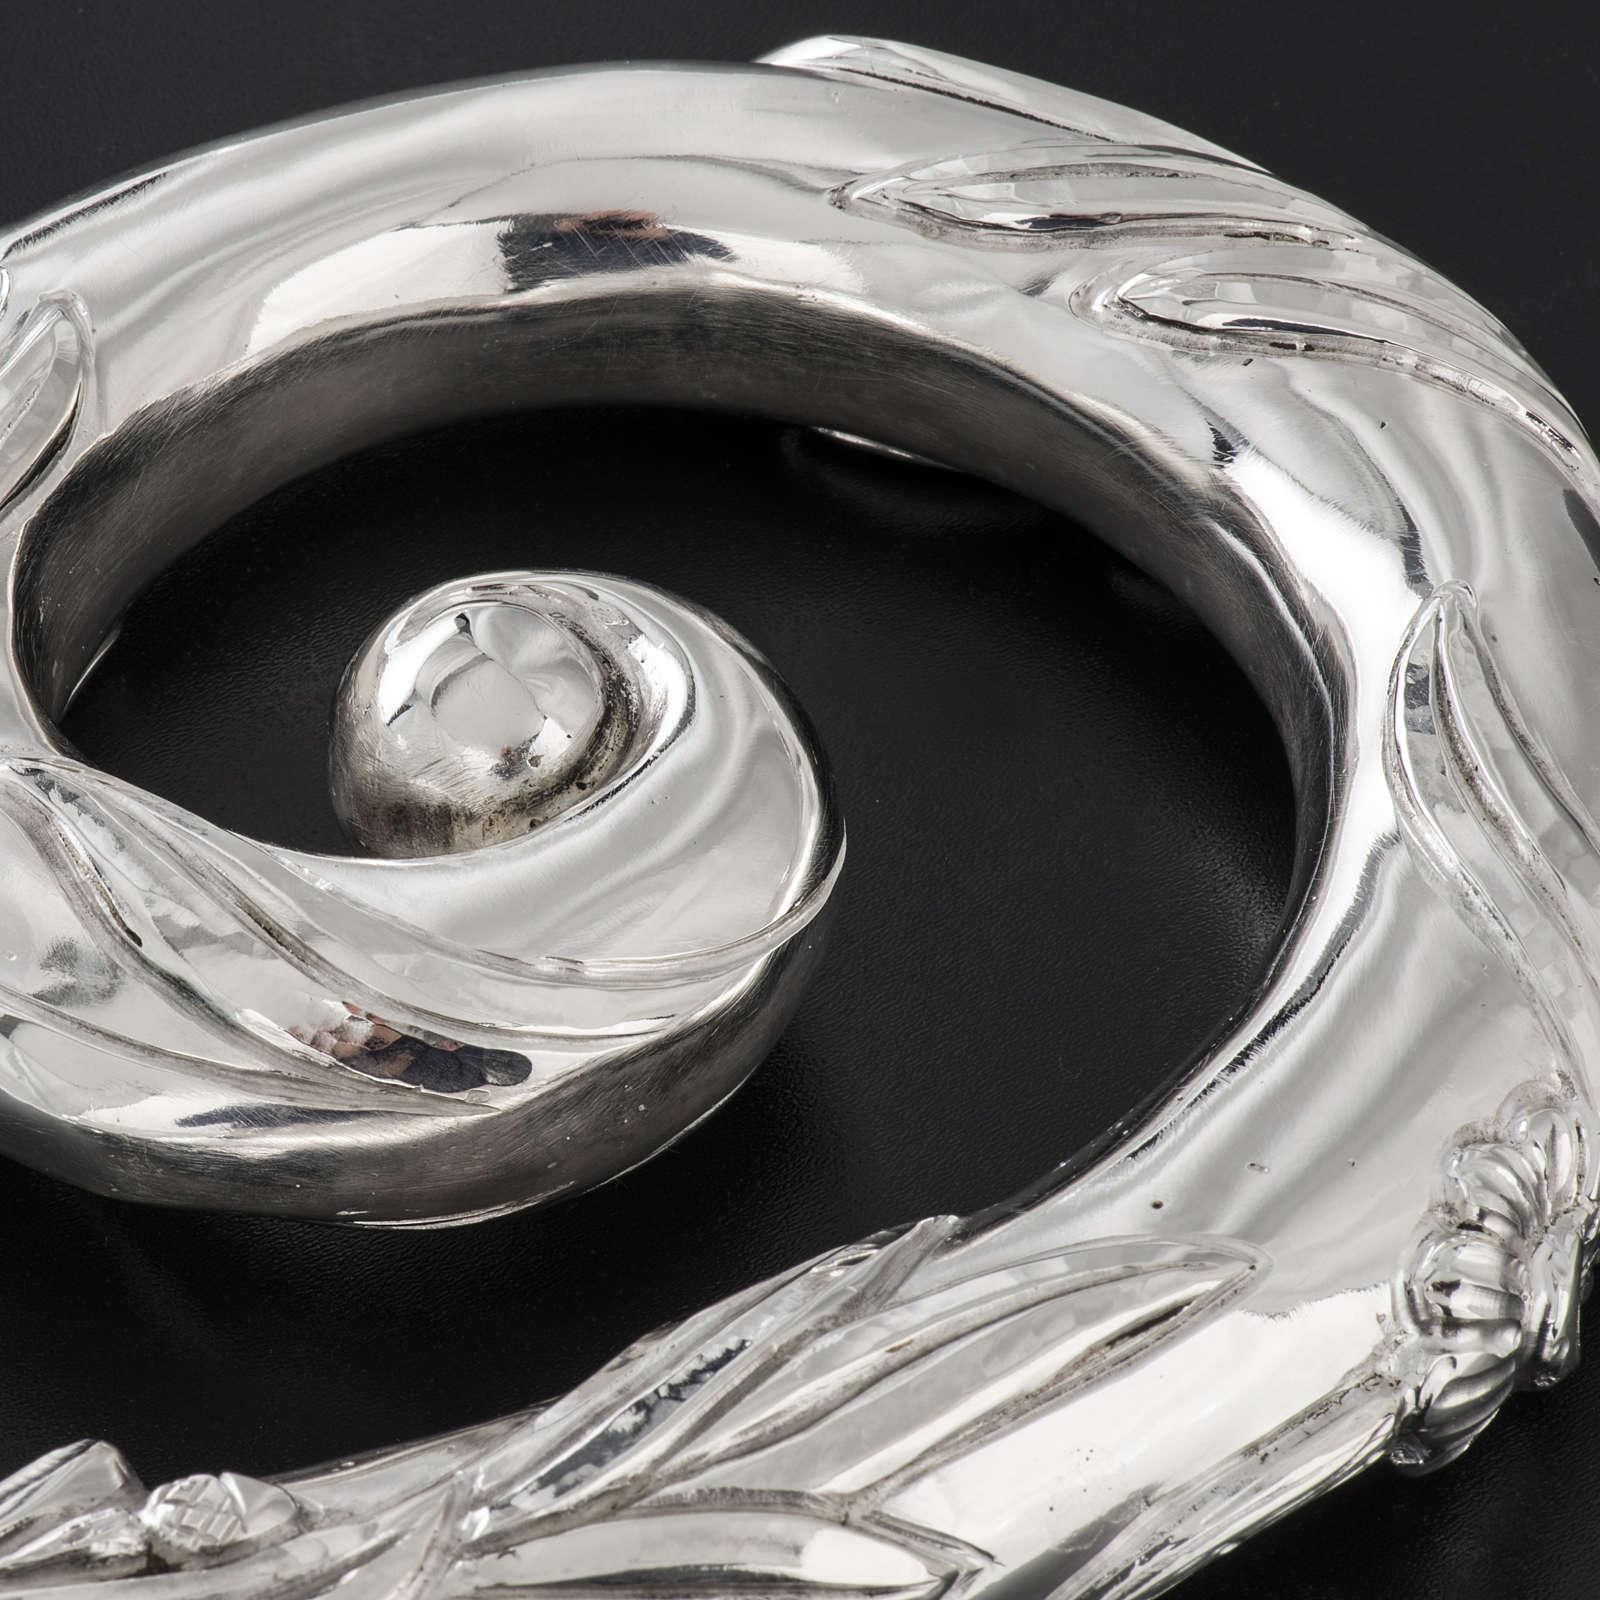 Crozier in 966 silver, electroforming, silver model 3